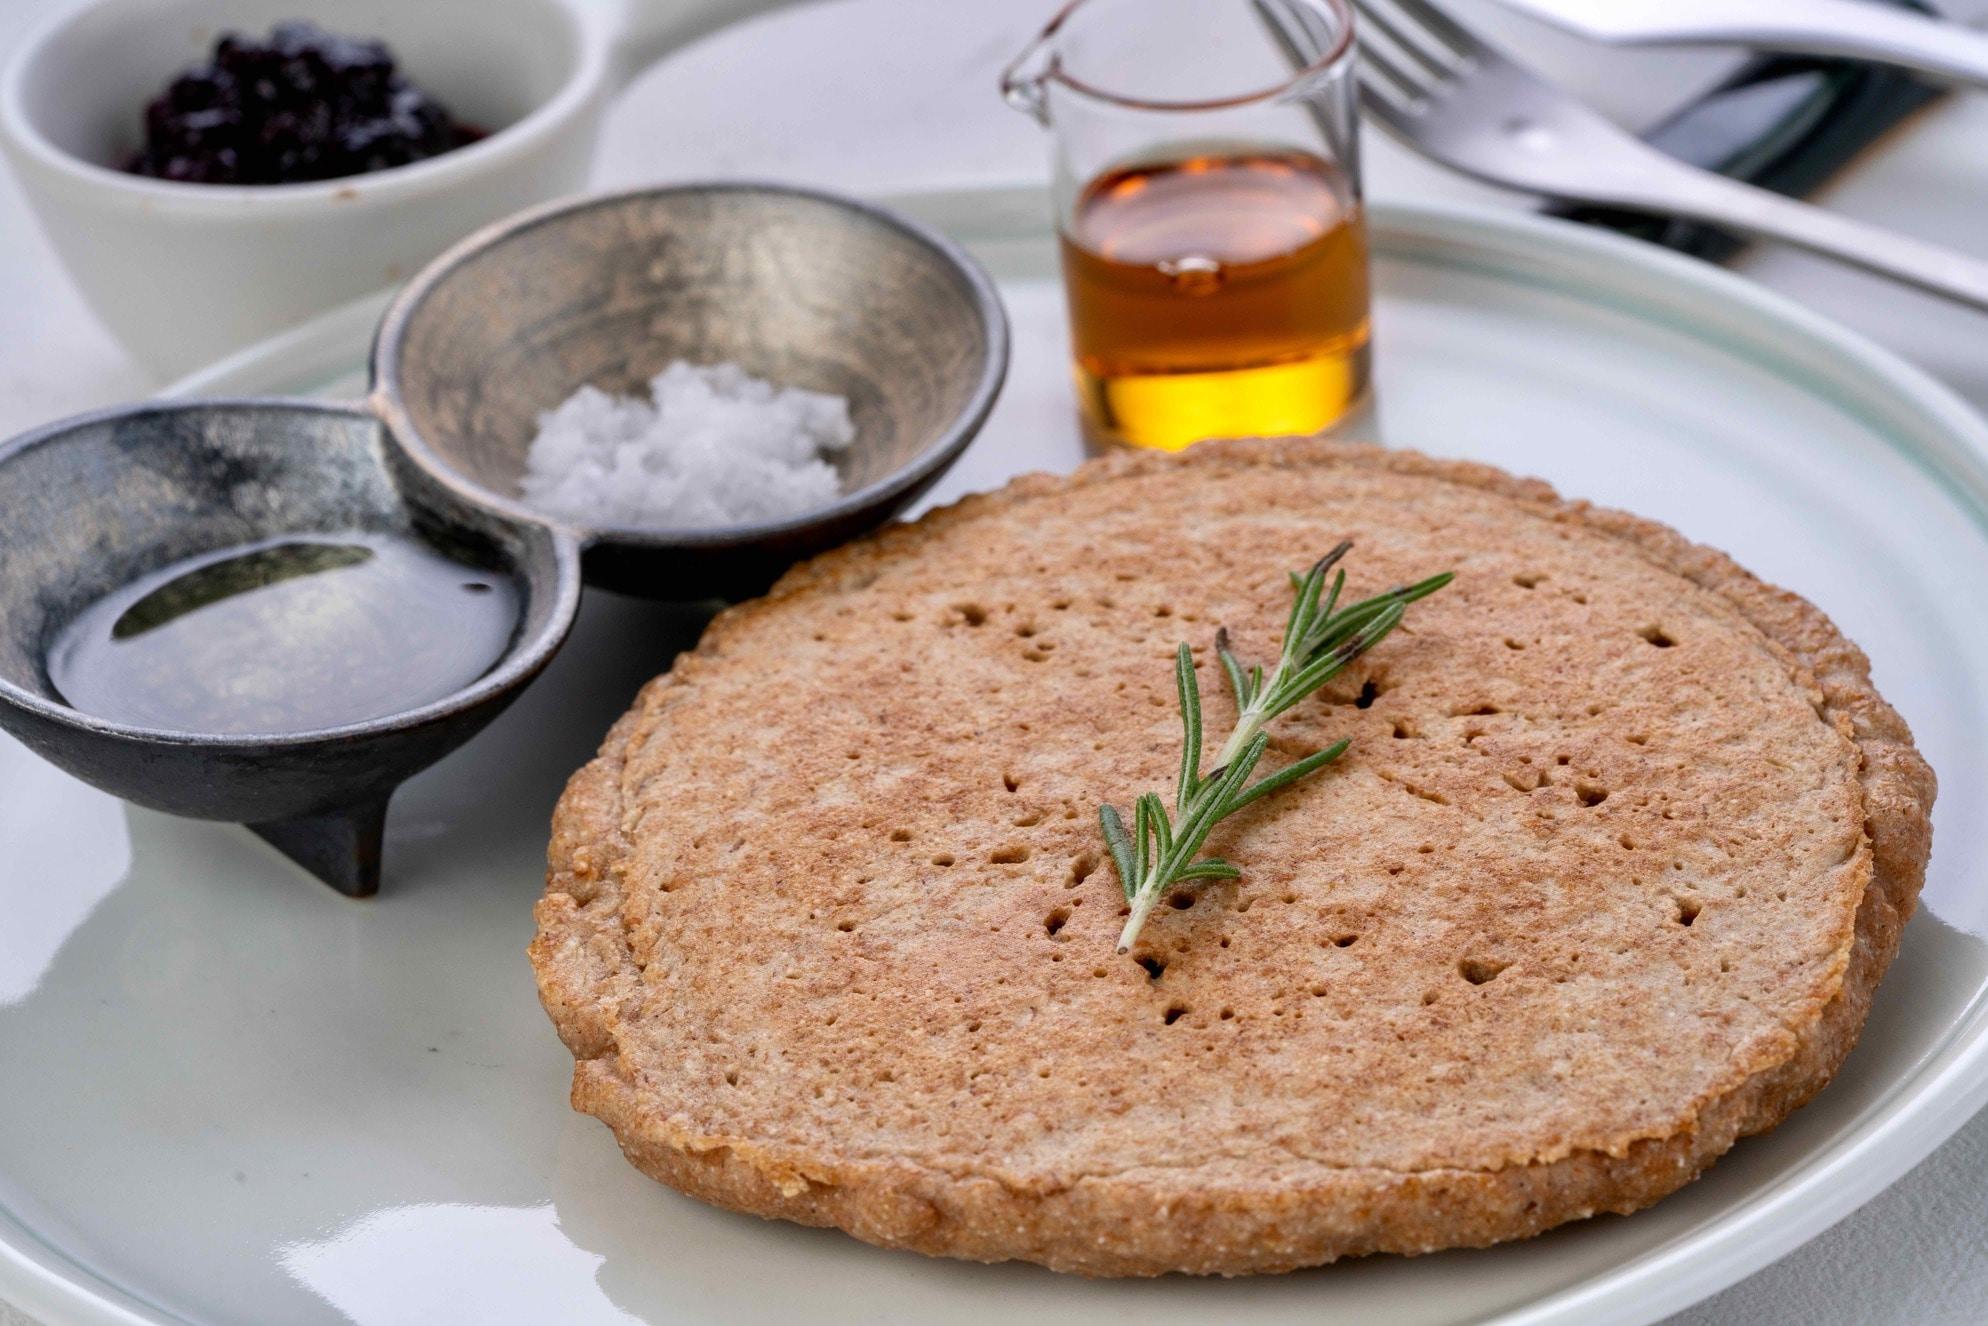 カフェ心麦のディンケル小麦のパンケーキ,パンケーキ・メイプルシロップ・塩・オリーブオイル・ジャム